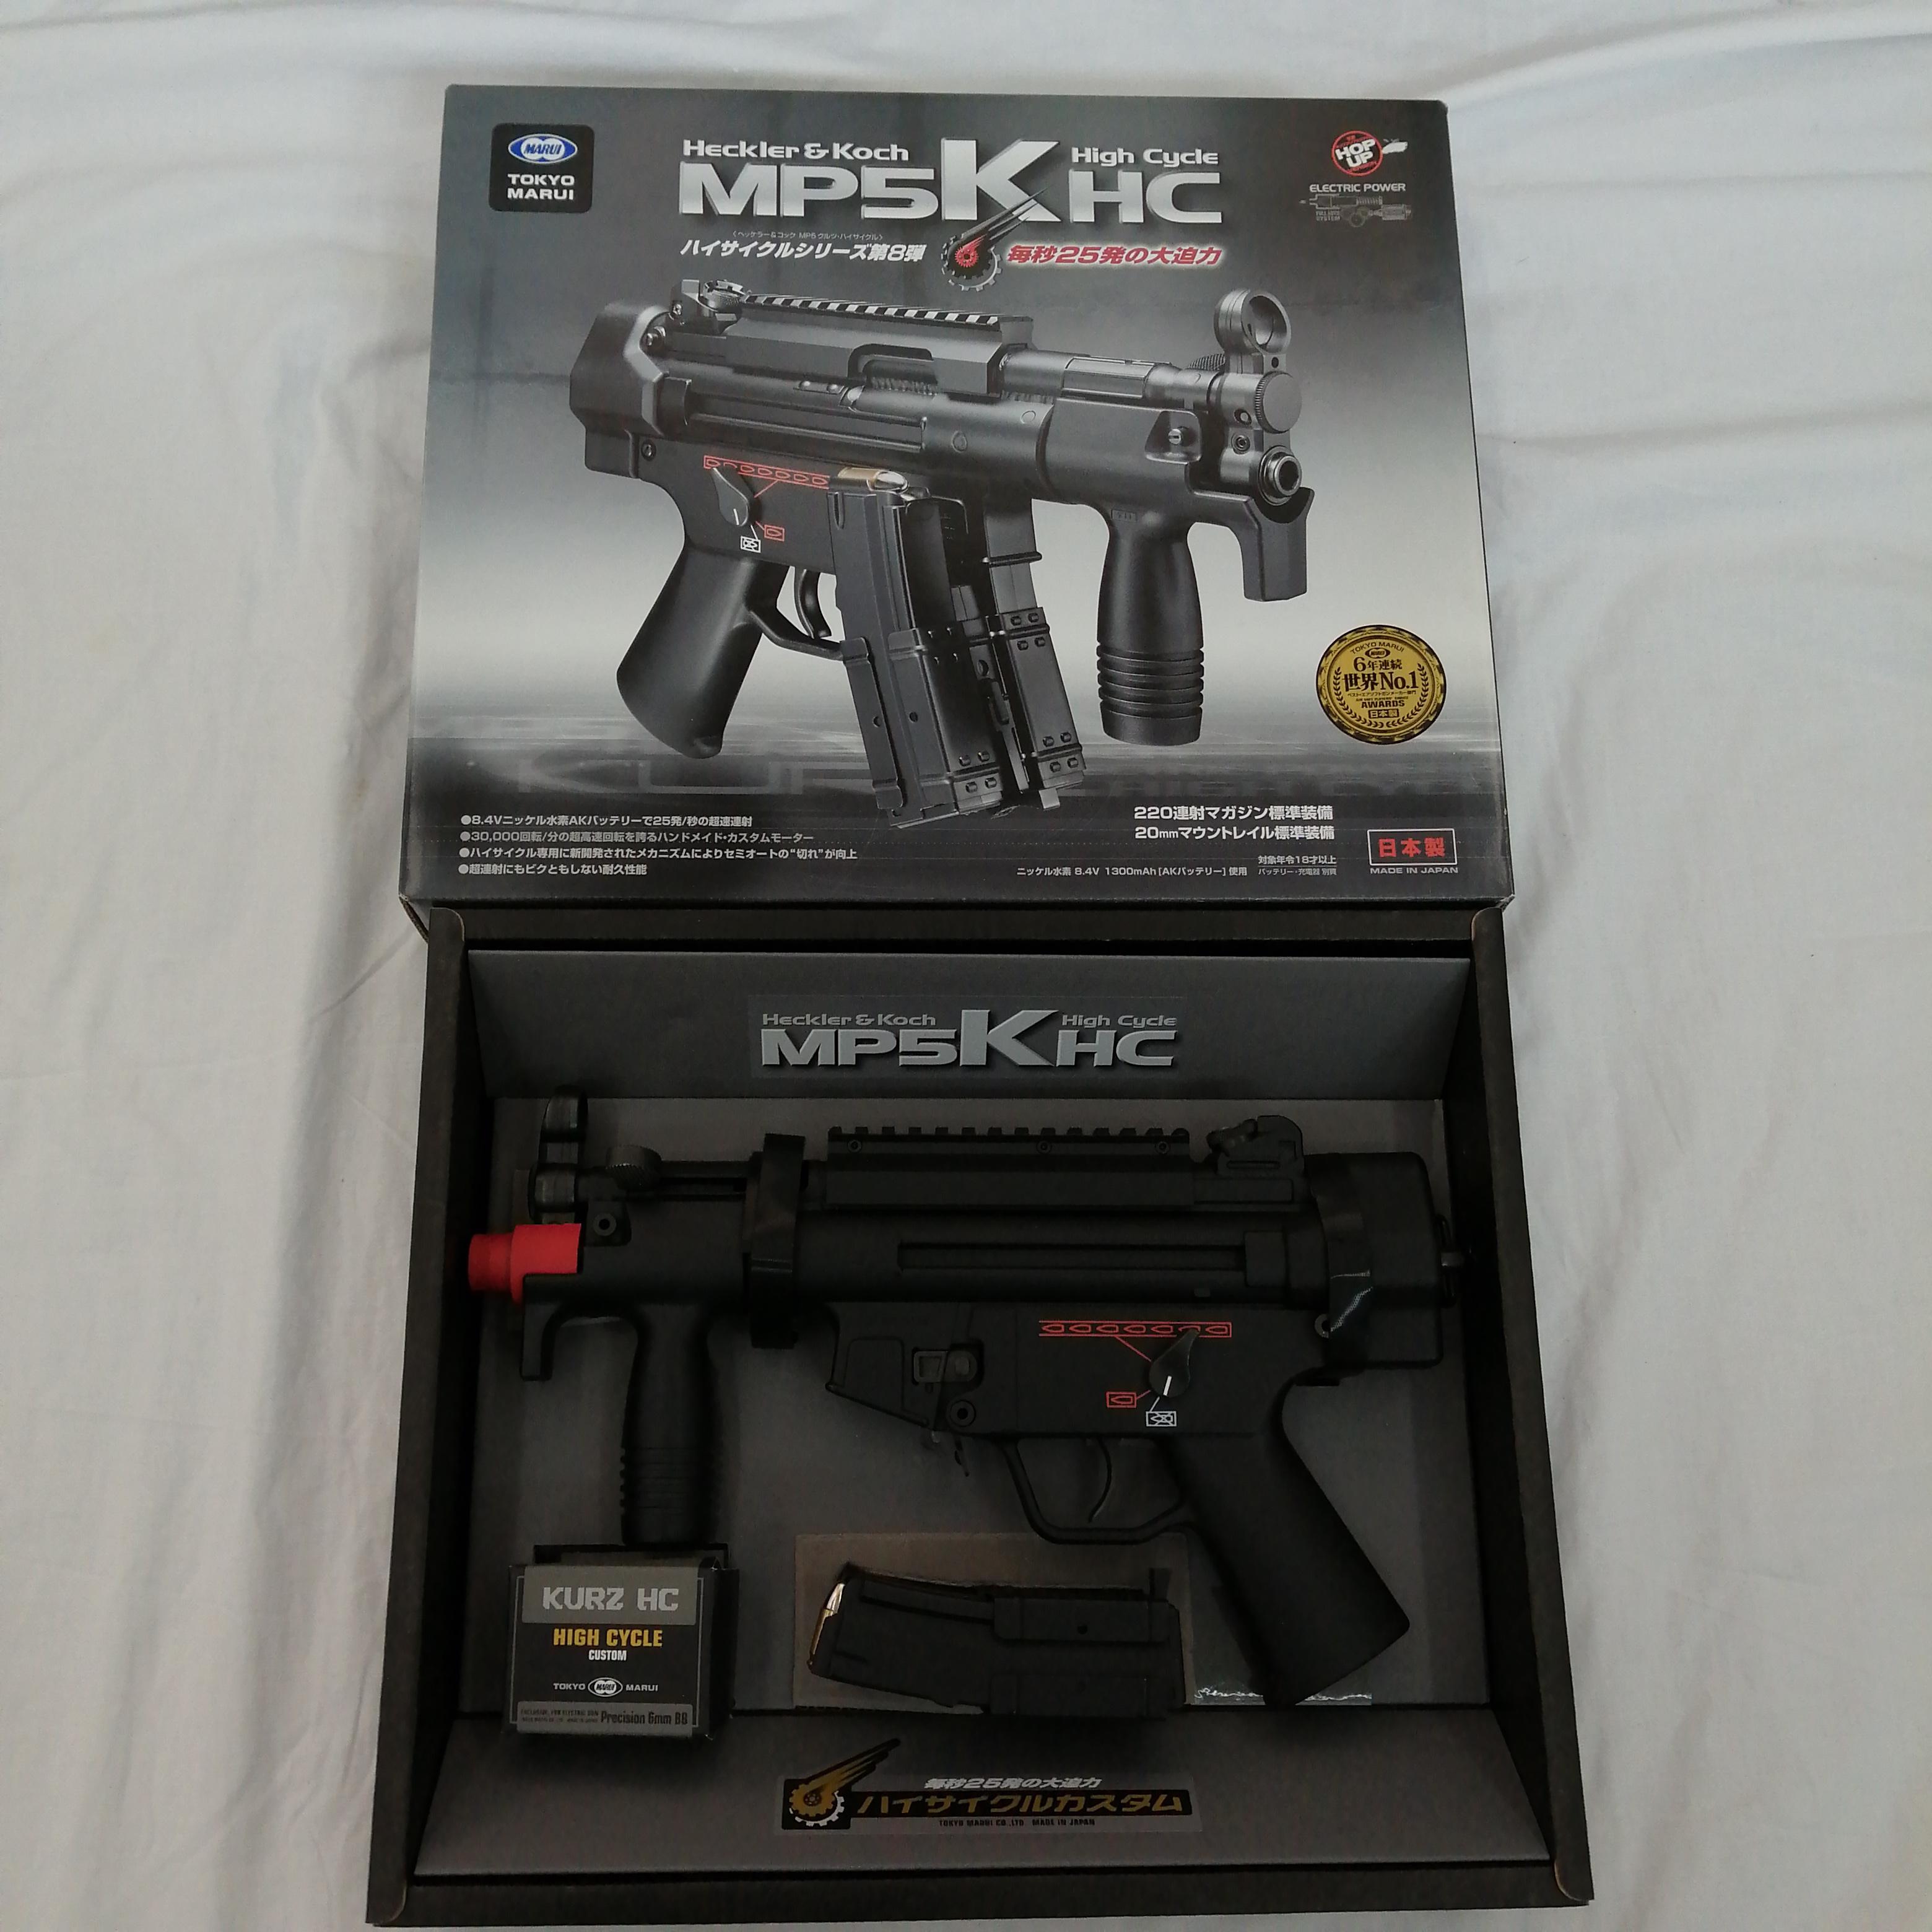 電動サブマシンガン MP5KHS|東京マルイ